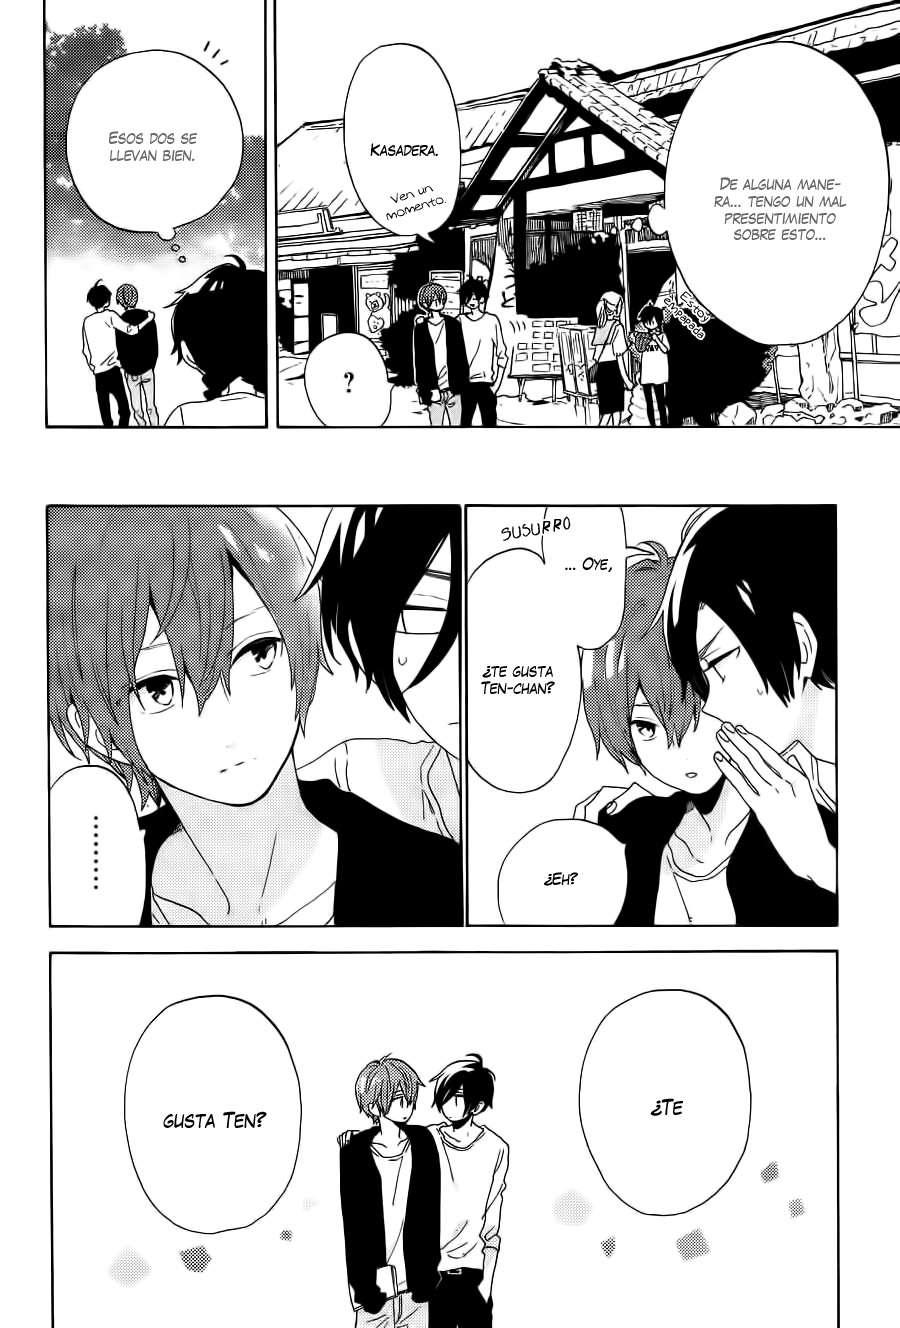 http://c5.ninemanga.com/es_manga/19/18451/442045/e29e0919121d878eebdae7b5623f631f.jpg Page 21